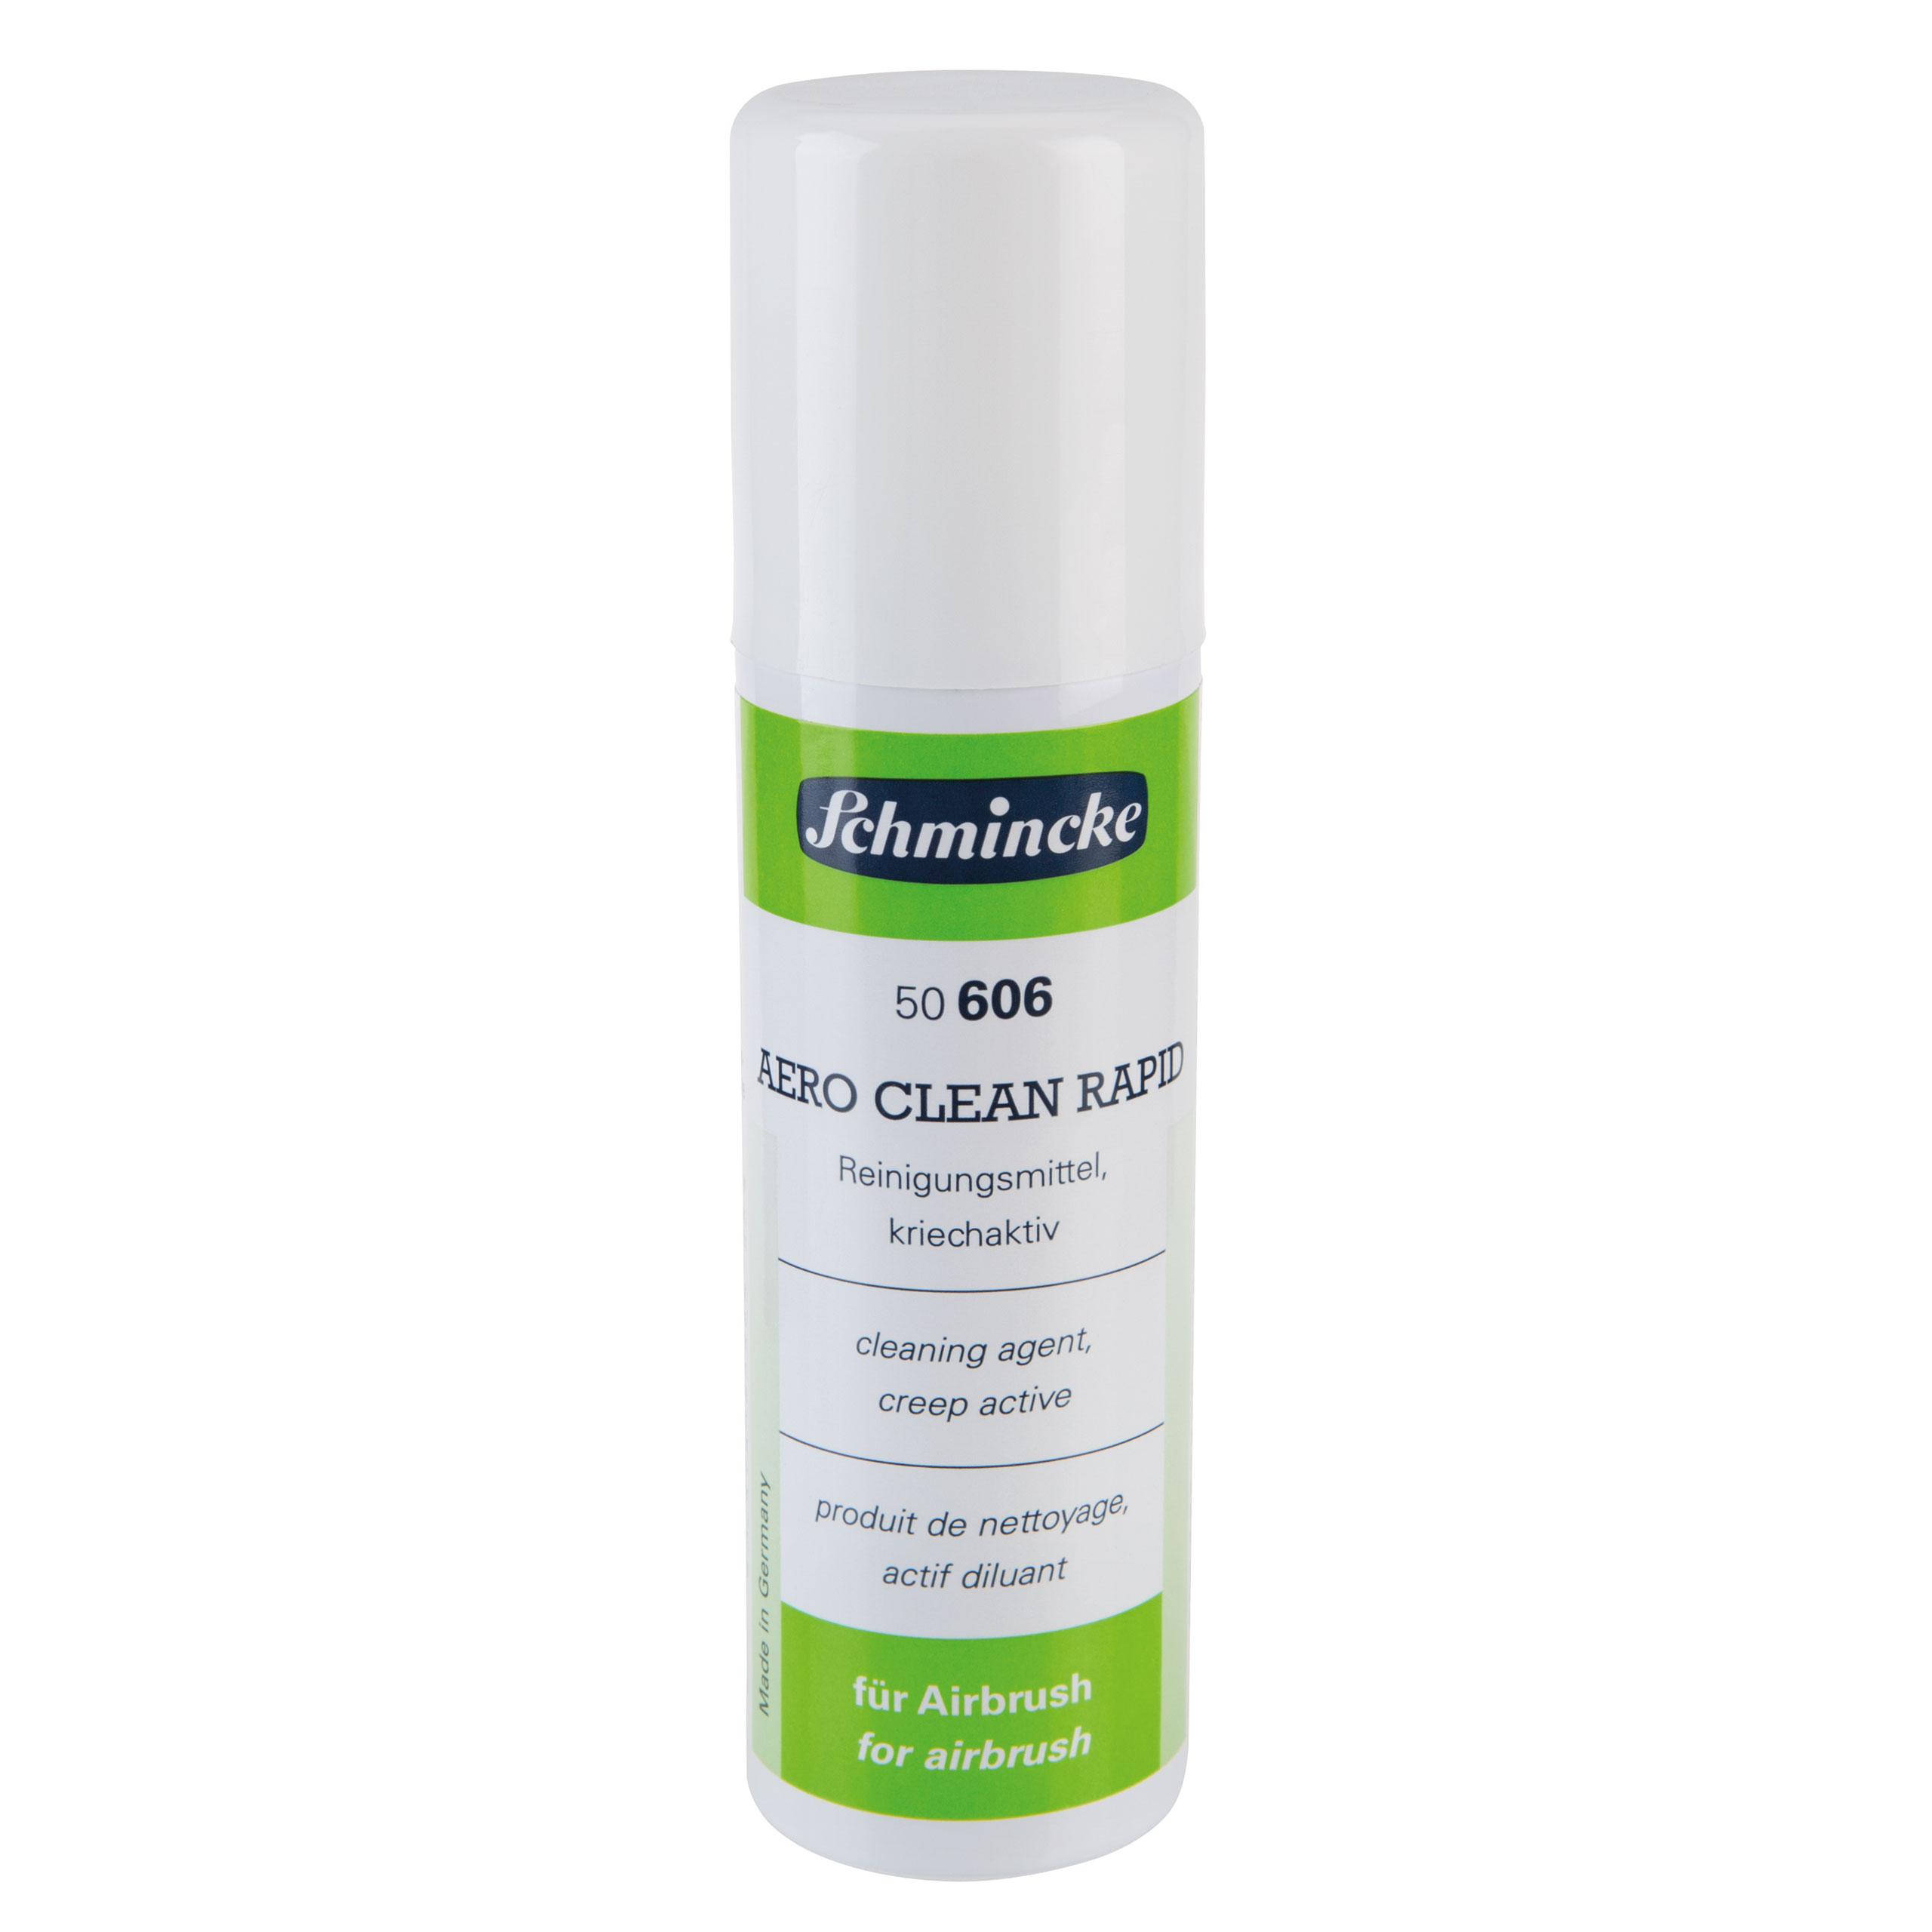 Aero Clean Rapid Spray - 100ml Reinigungsmittel Airbrush Schmincke 50 606 041